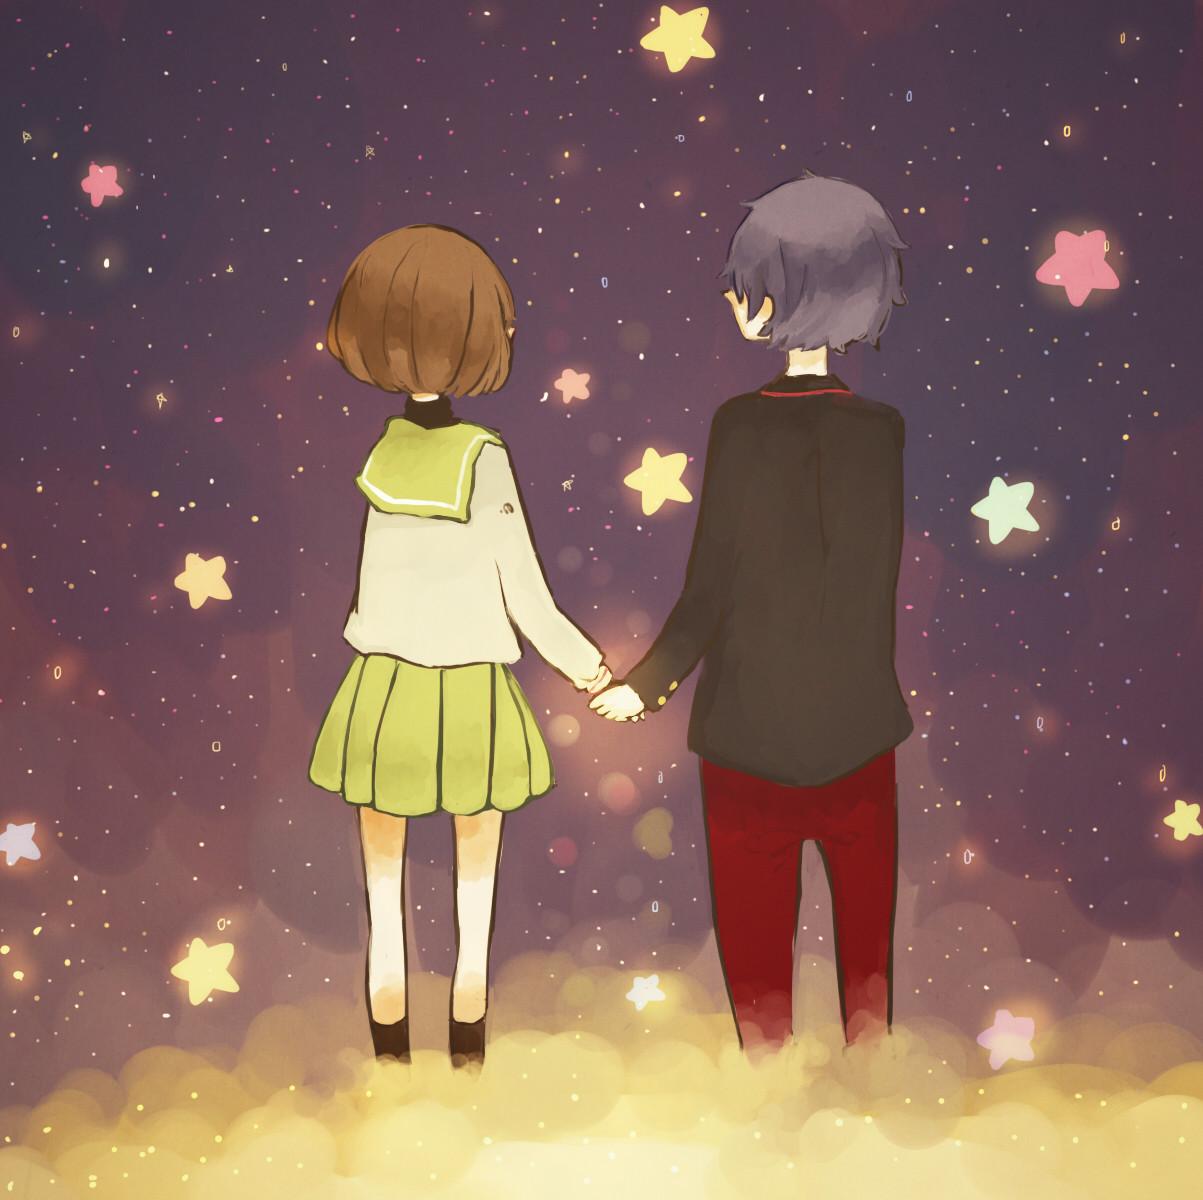 Картинки с мальчиком и девочкой держатся вместе за руку, пожеланиями